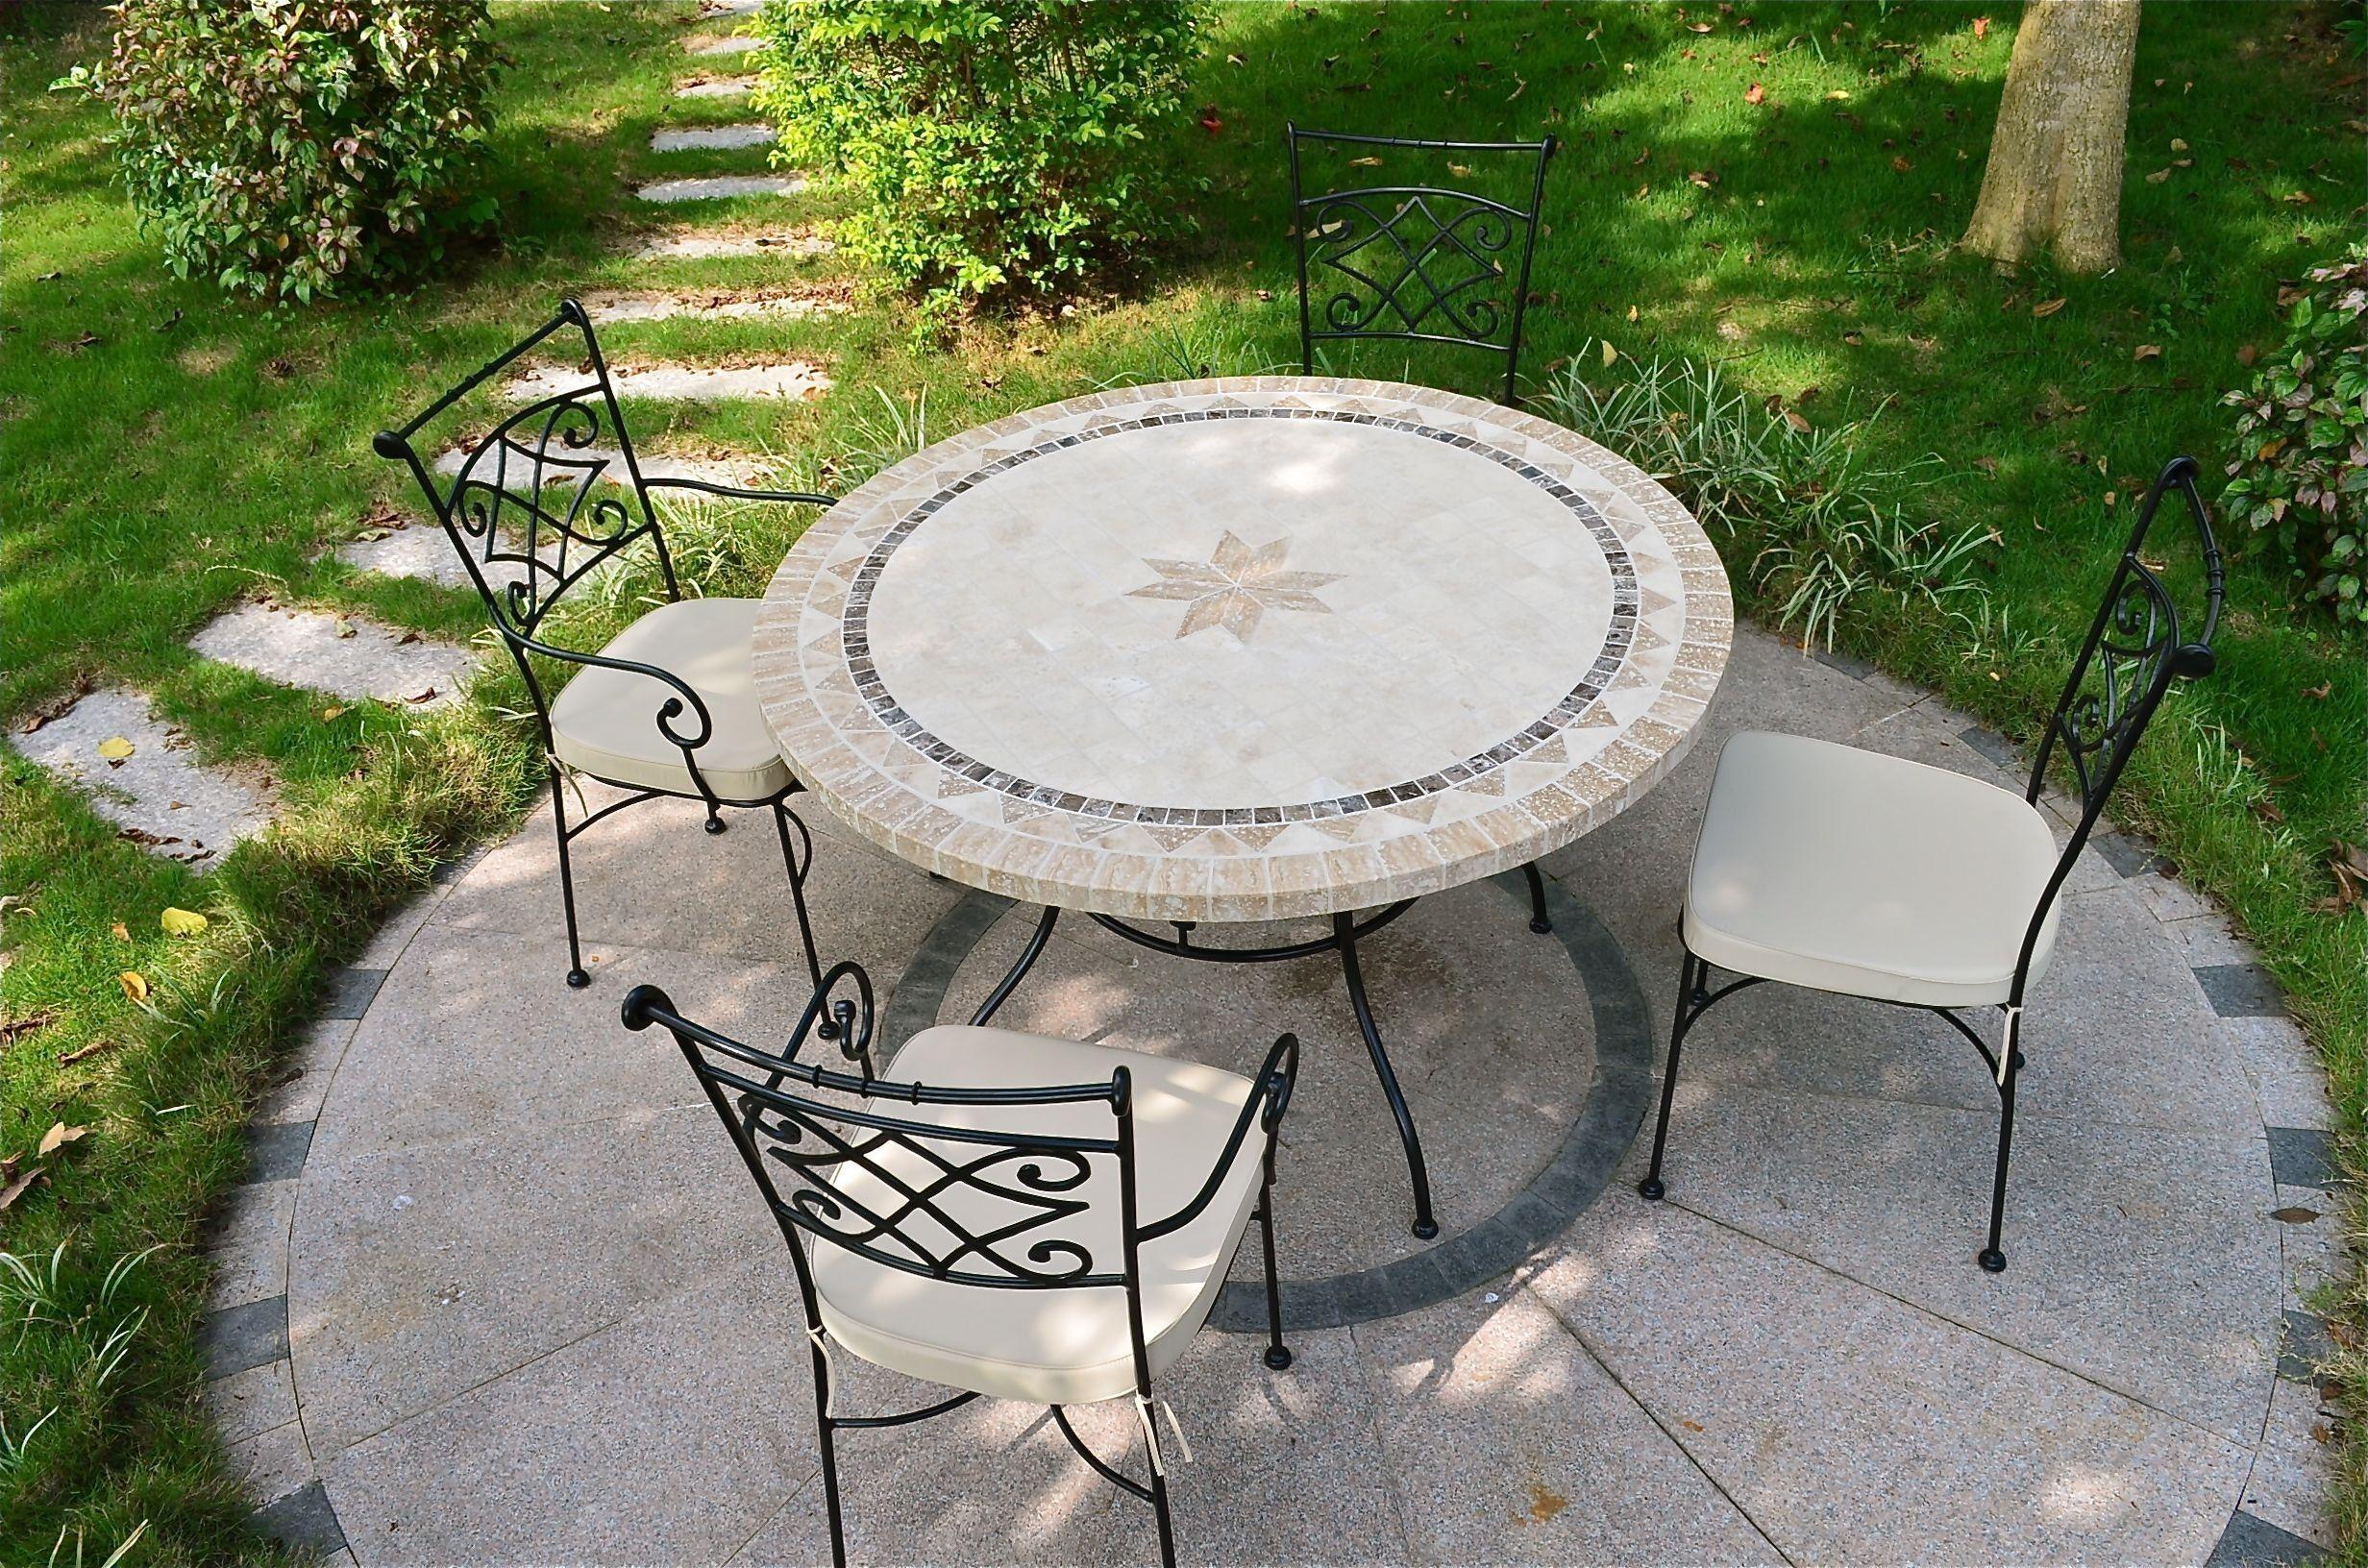 LivingRoc Table de jardin pierre ronde mosaique marbre 125-160 MEXICO